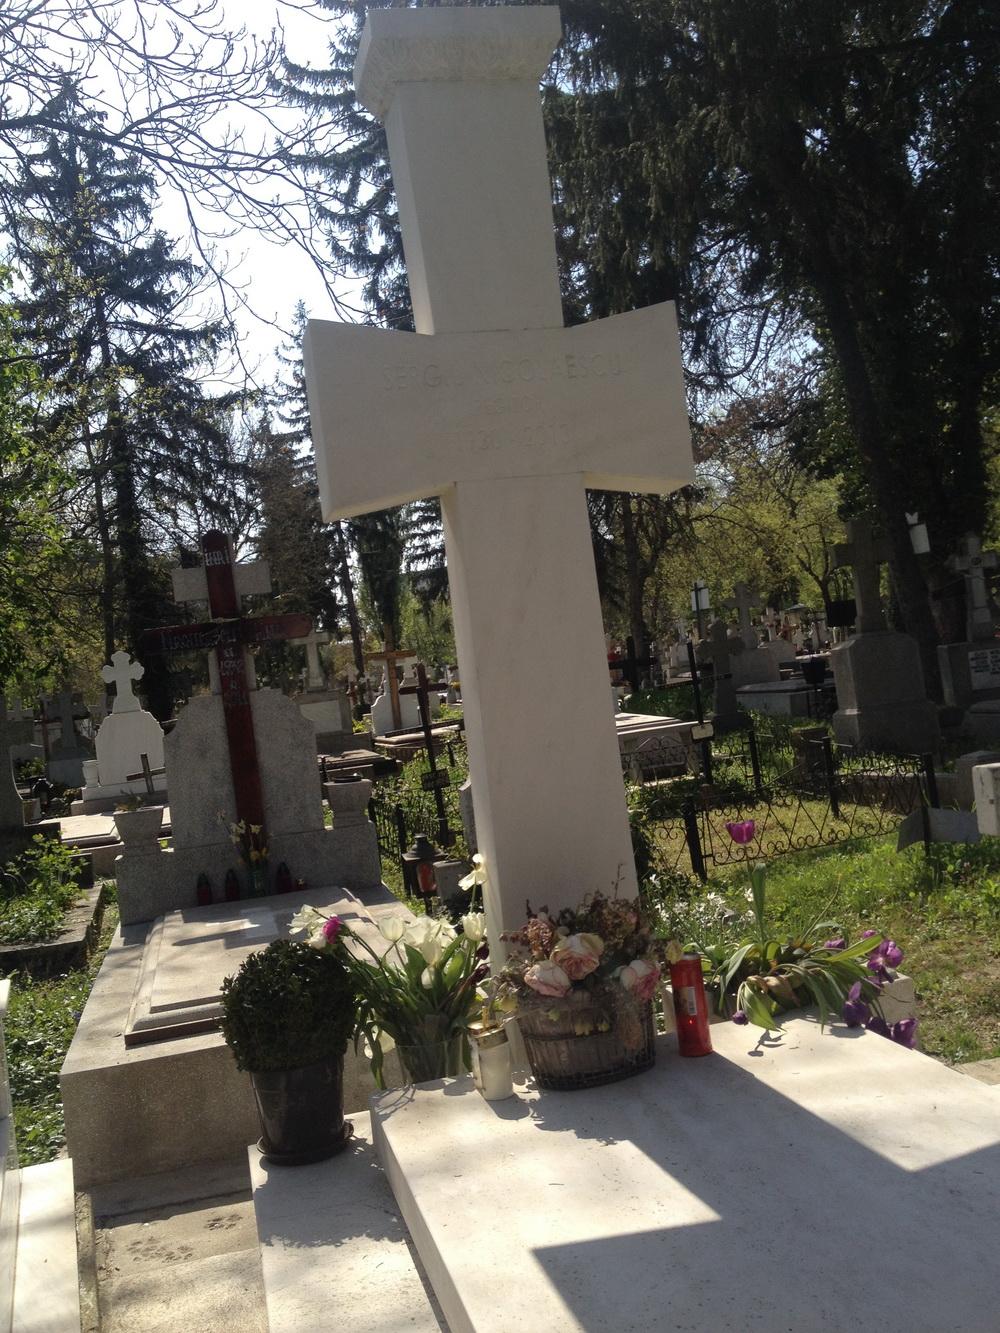 La mormantul regizorului Sergiu Nicolaescu au aparut cateva ghivece de flori